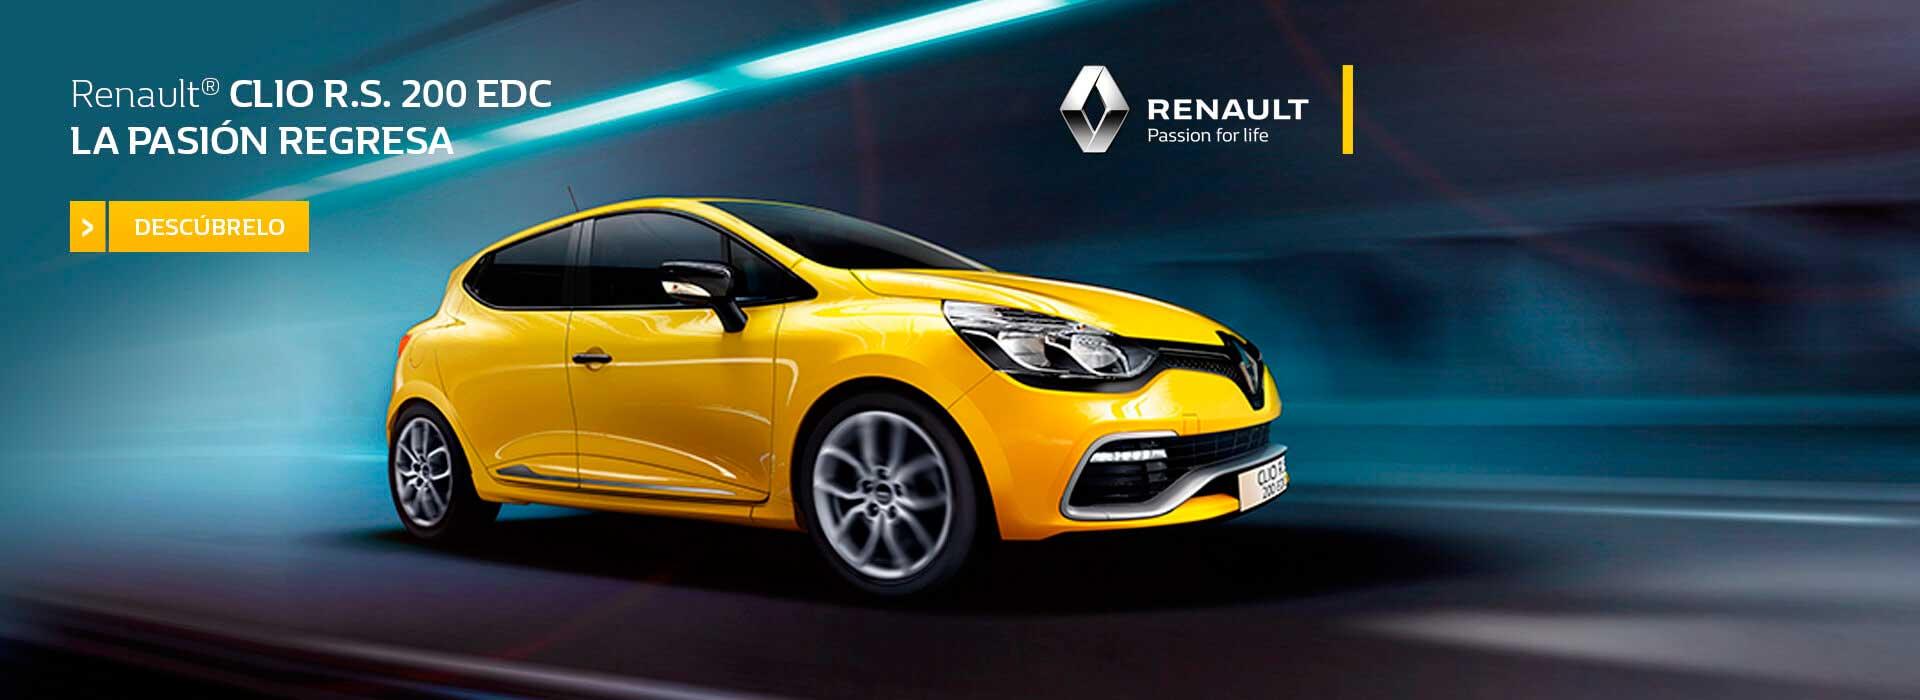 Renautl Clio 2016